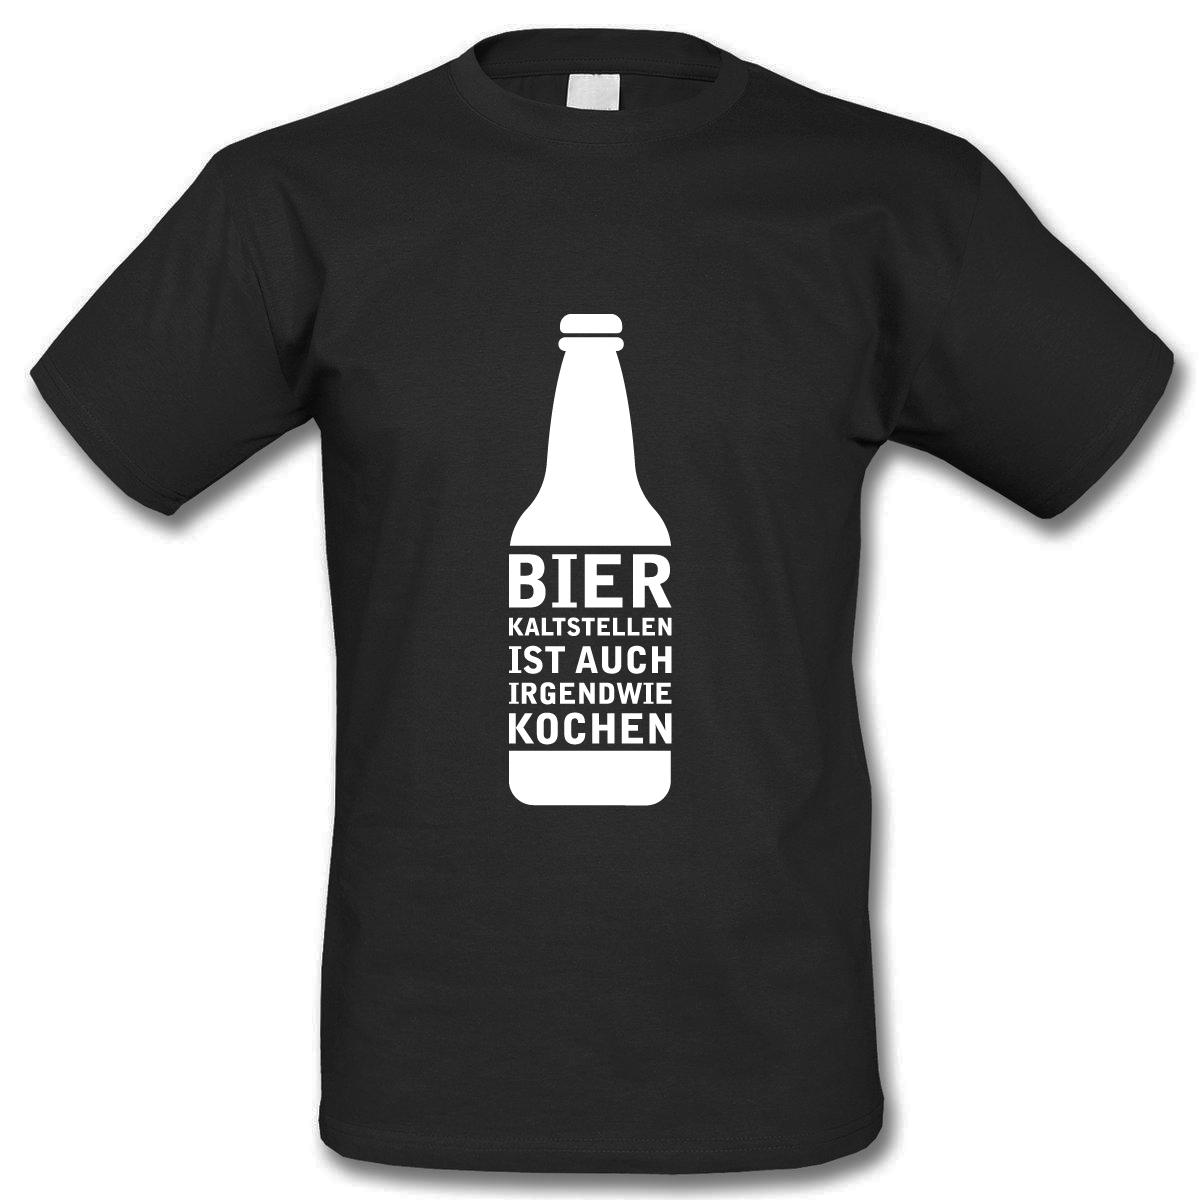 Bier kalt stellen ist auch irgendwie kochen.